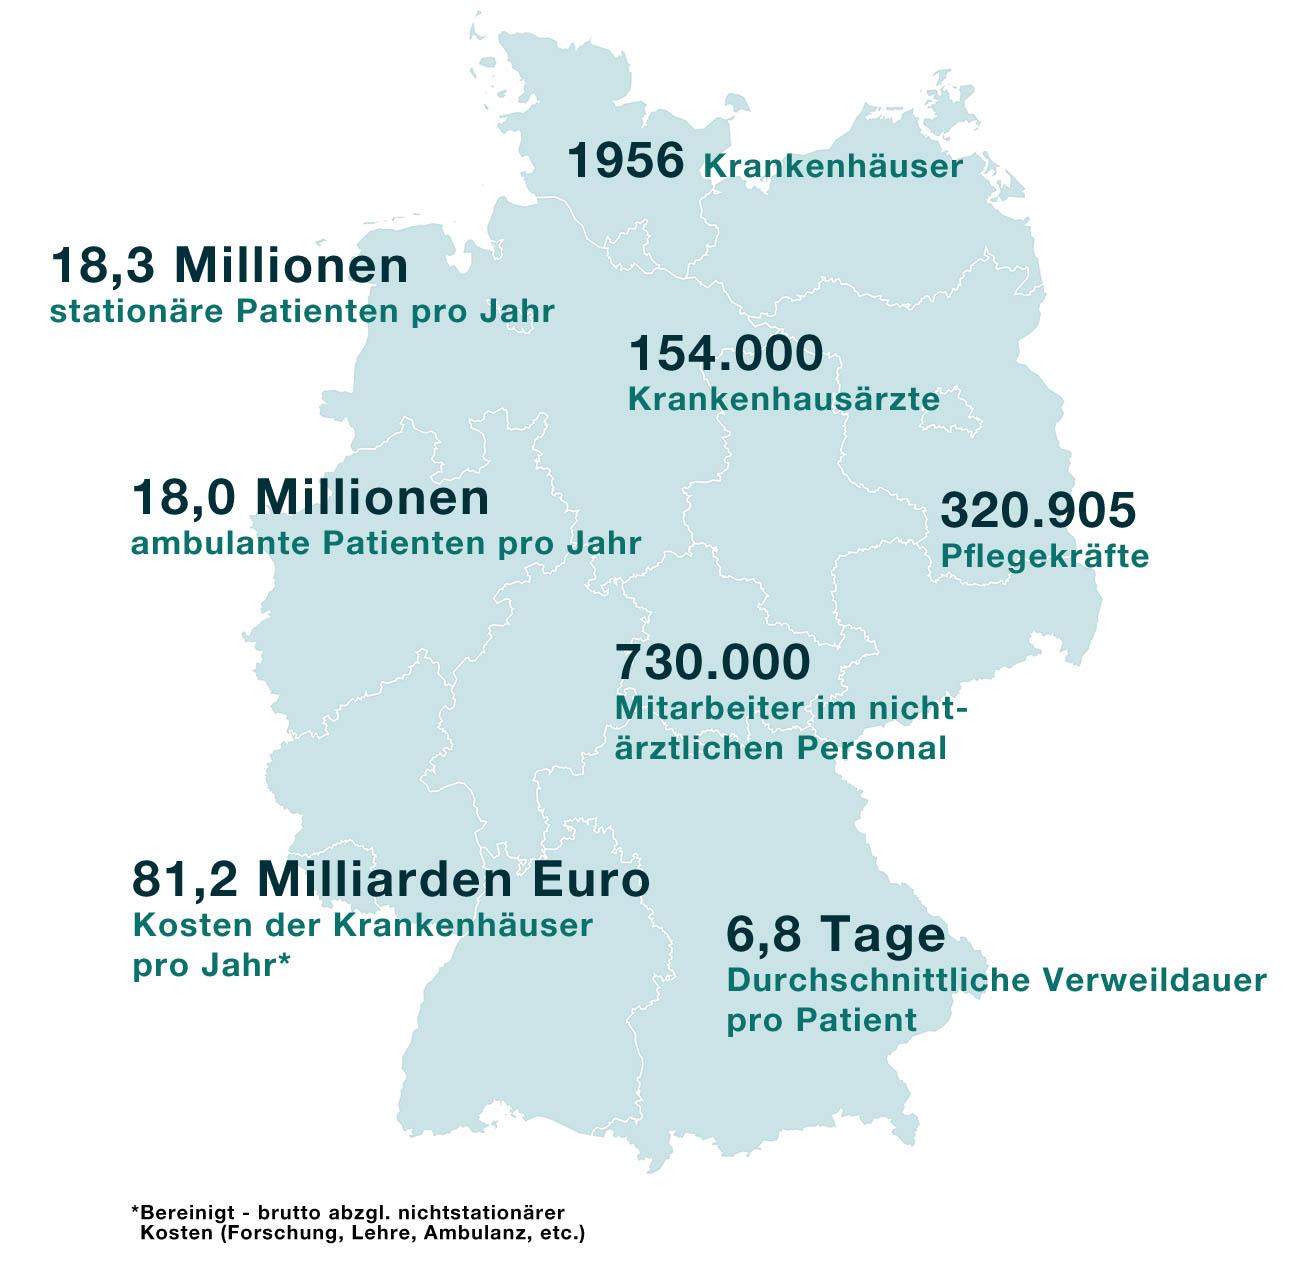 Krankenhäuser in Deutschland